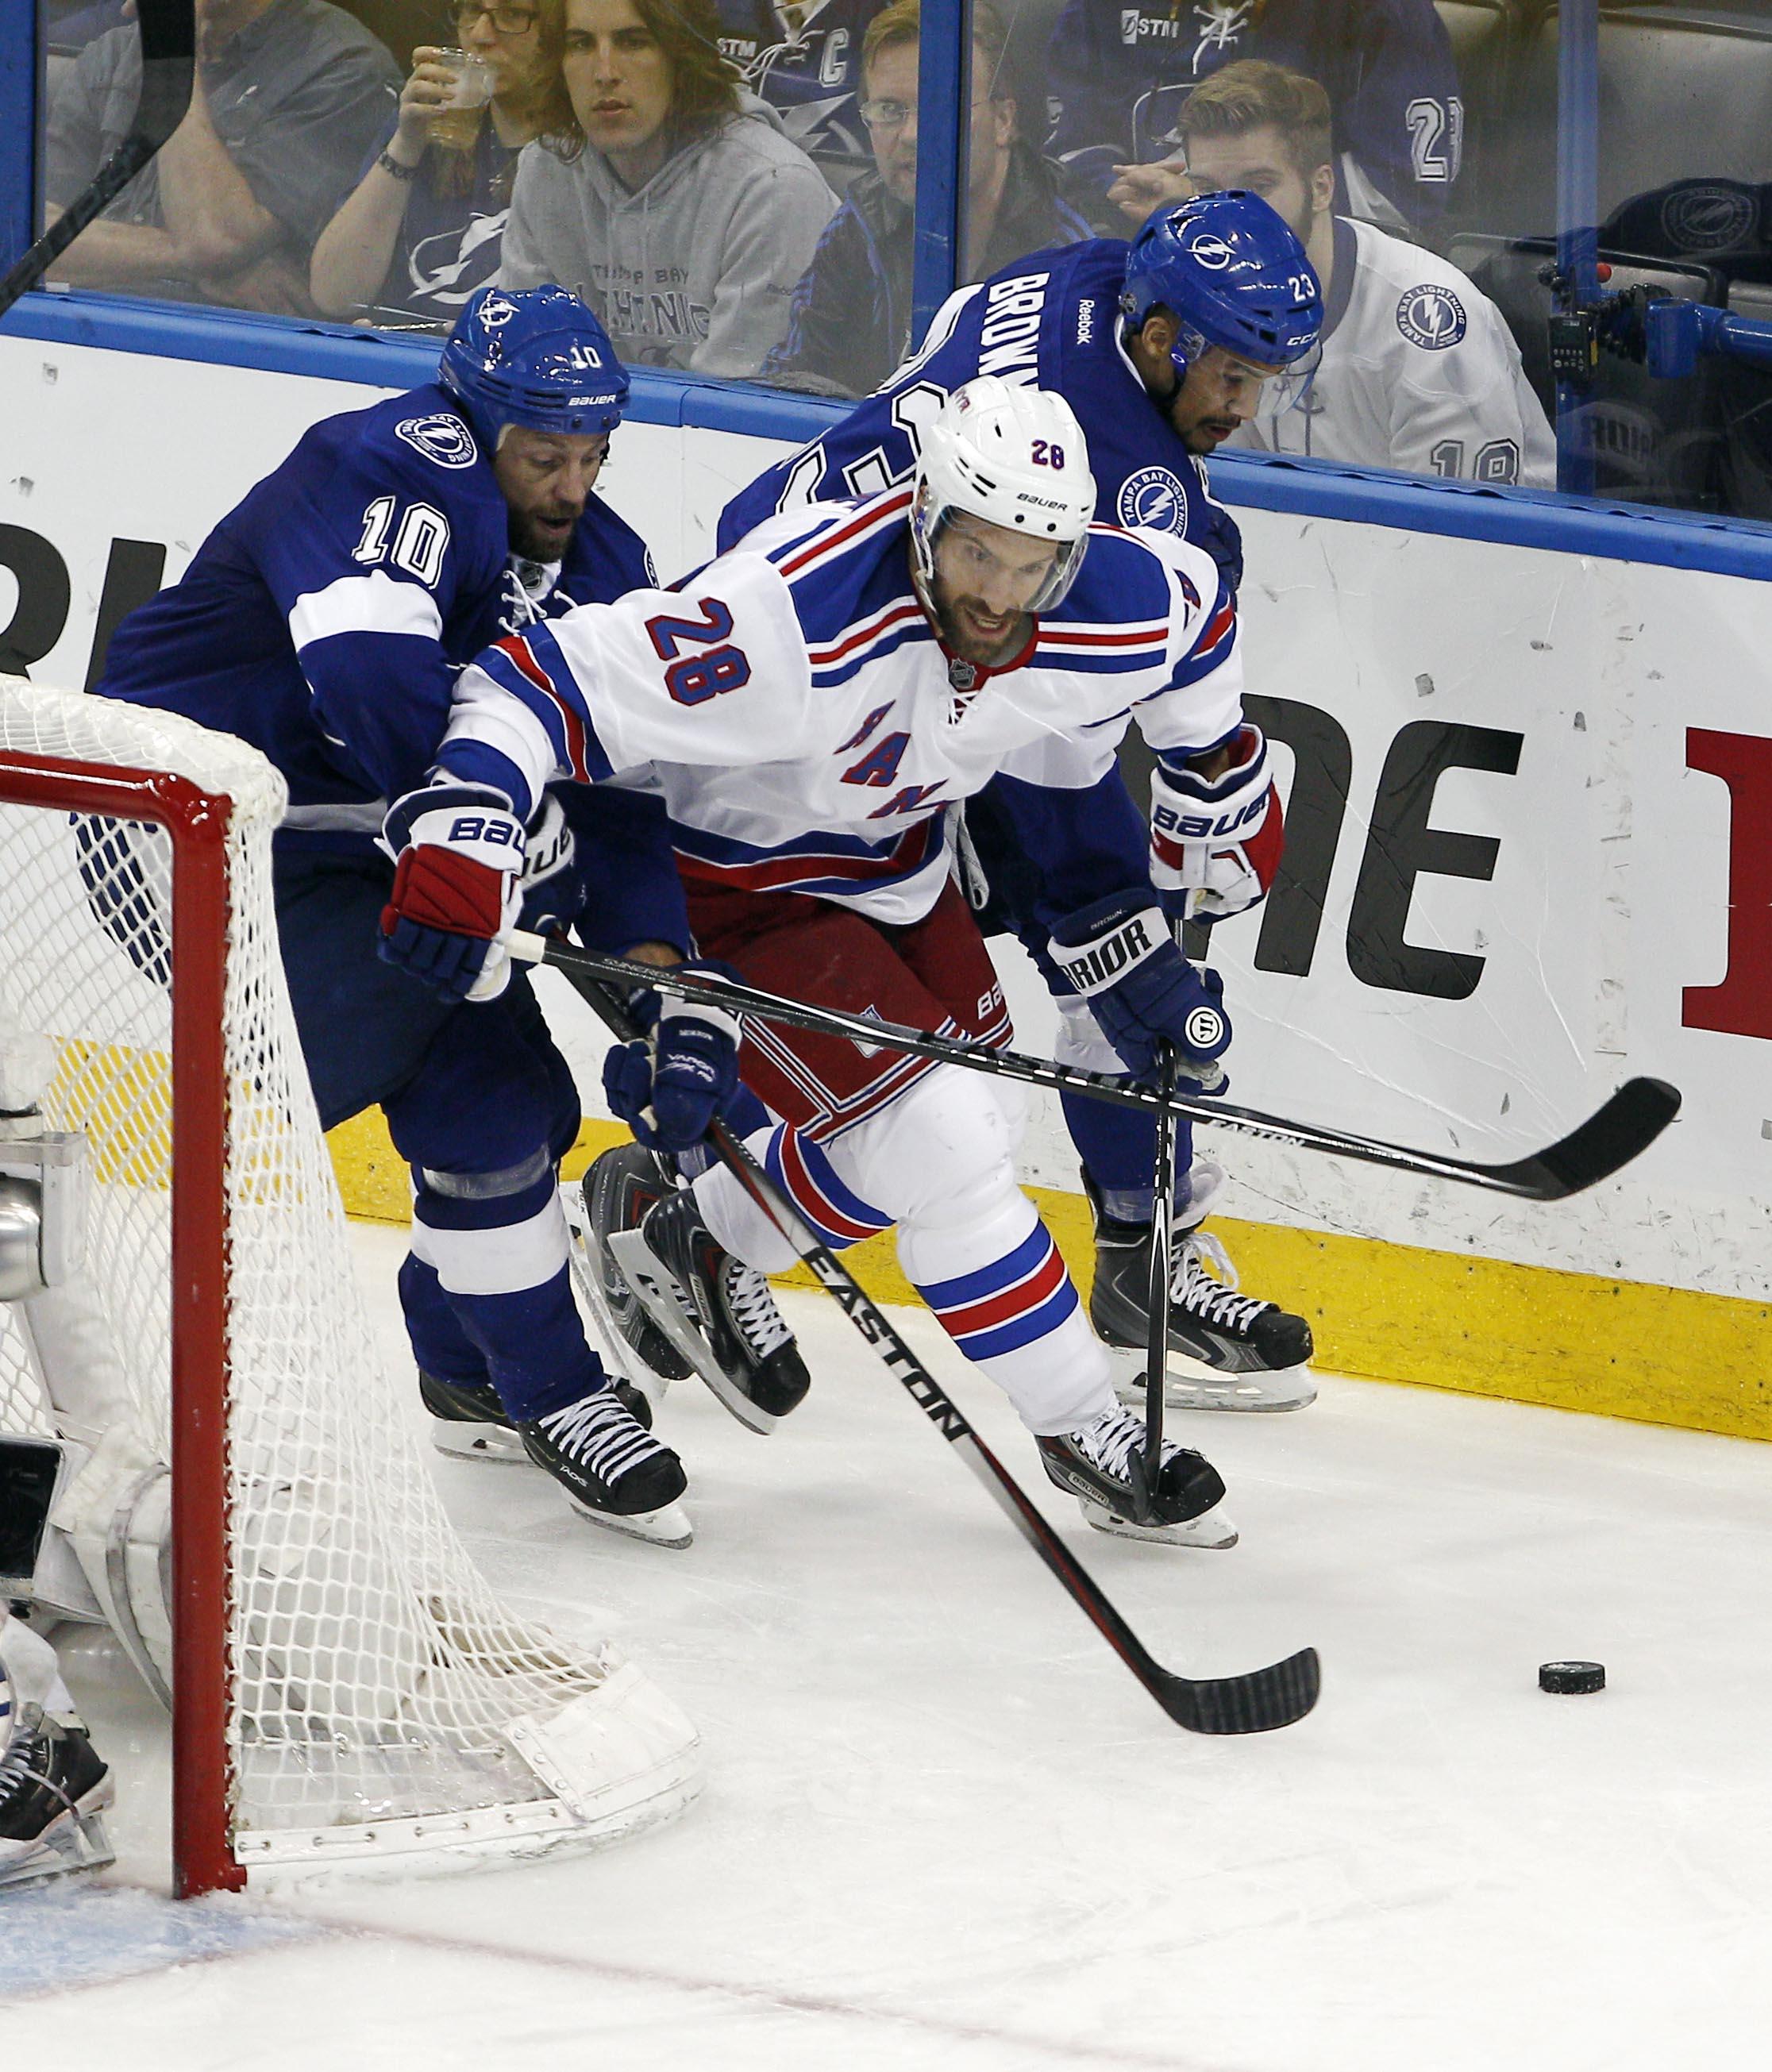 New York Rangers Pregame Rangers vs Lightning Game 5